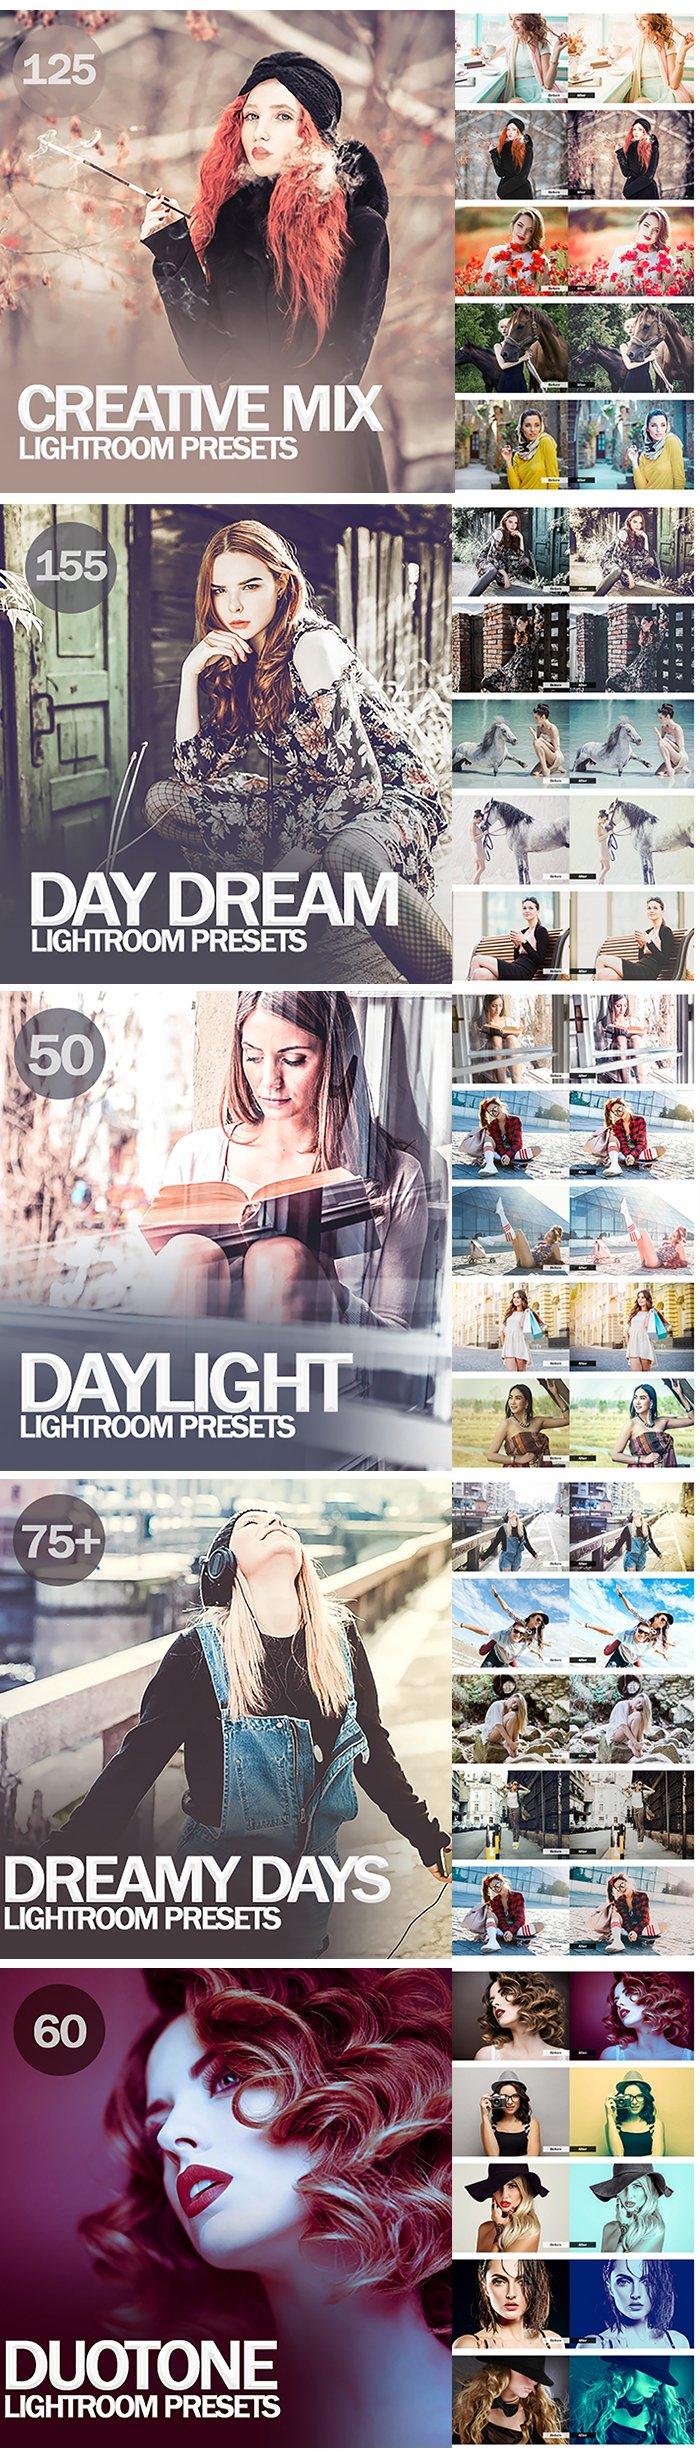 20,000+ Mega bundle Mobile and Desktop Lightroom Presets - 2 1